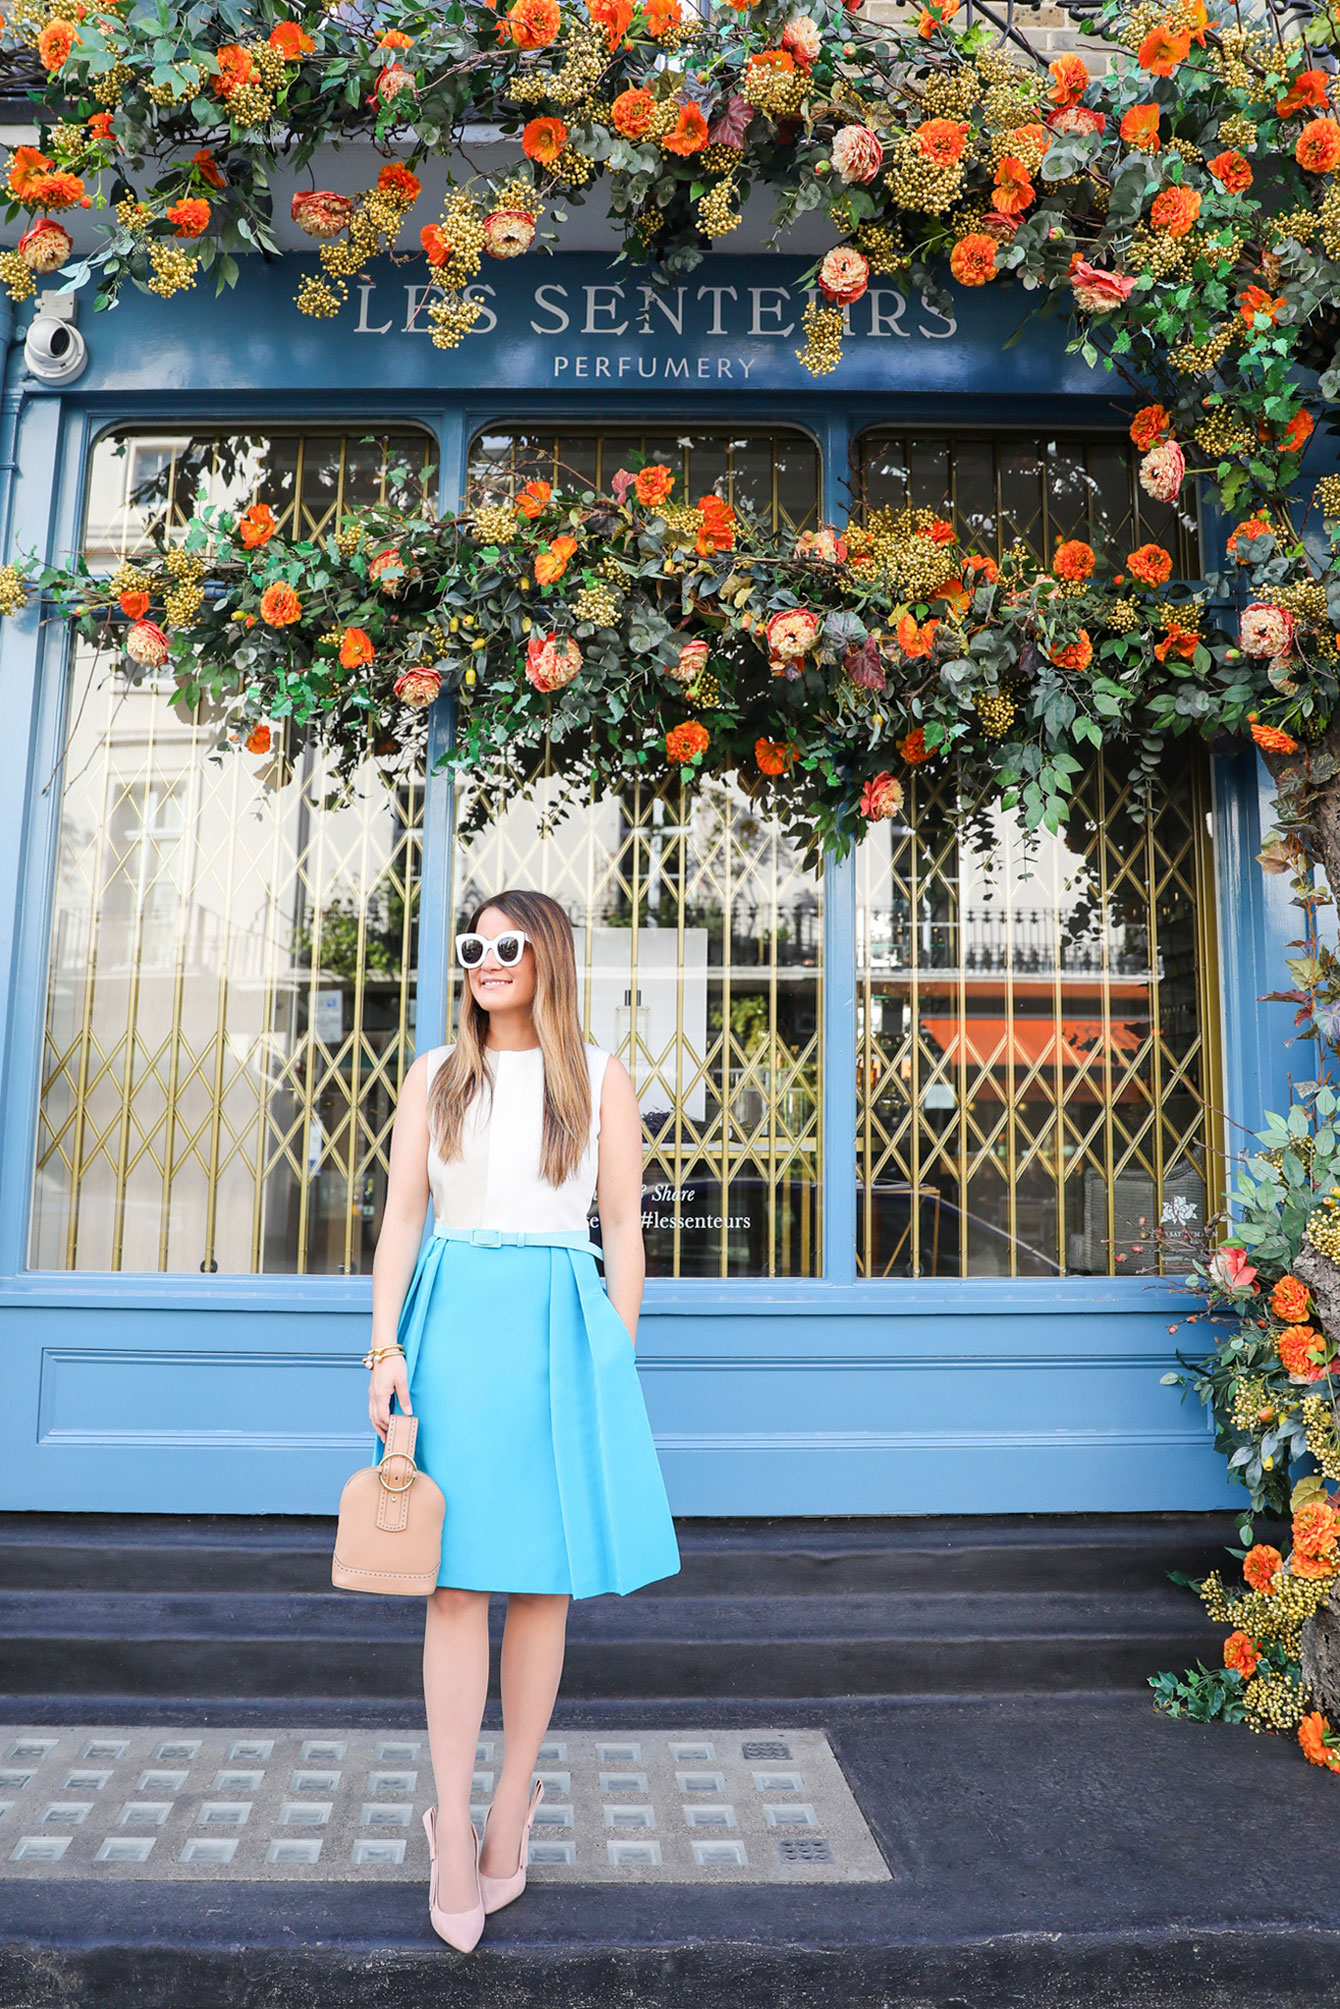 London Floral Storefront